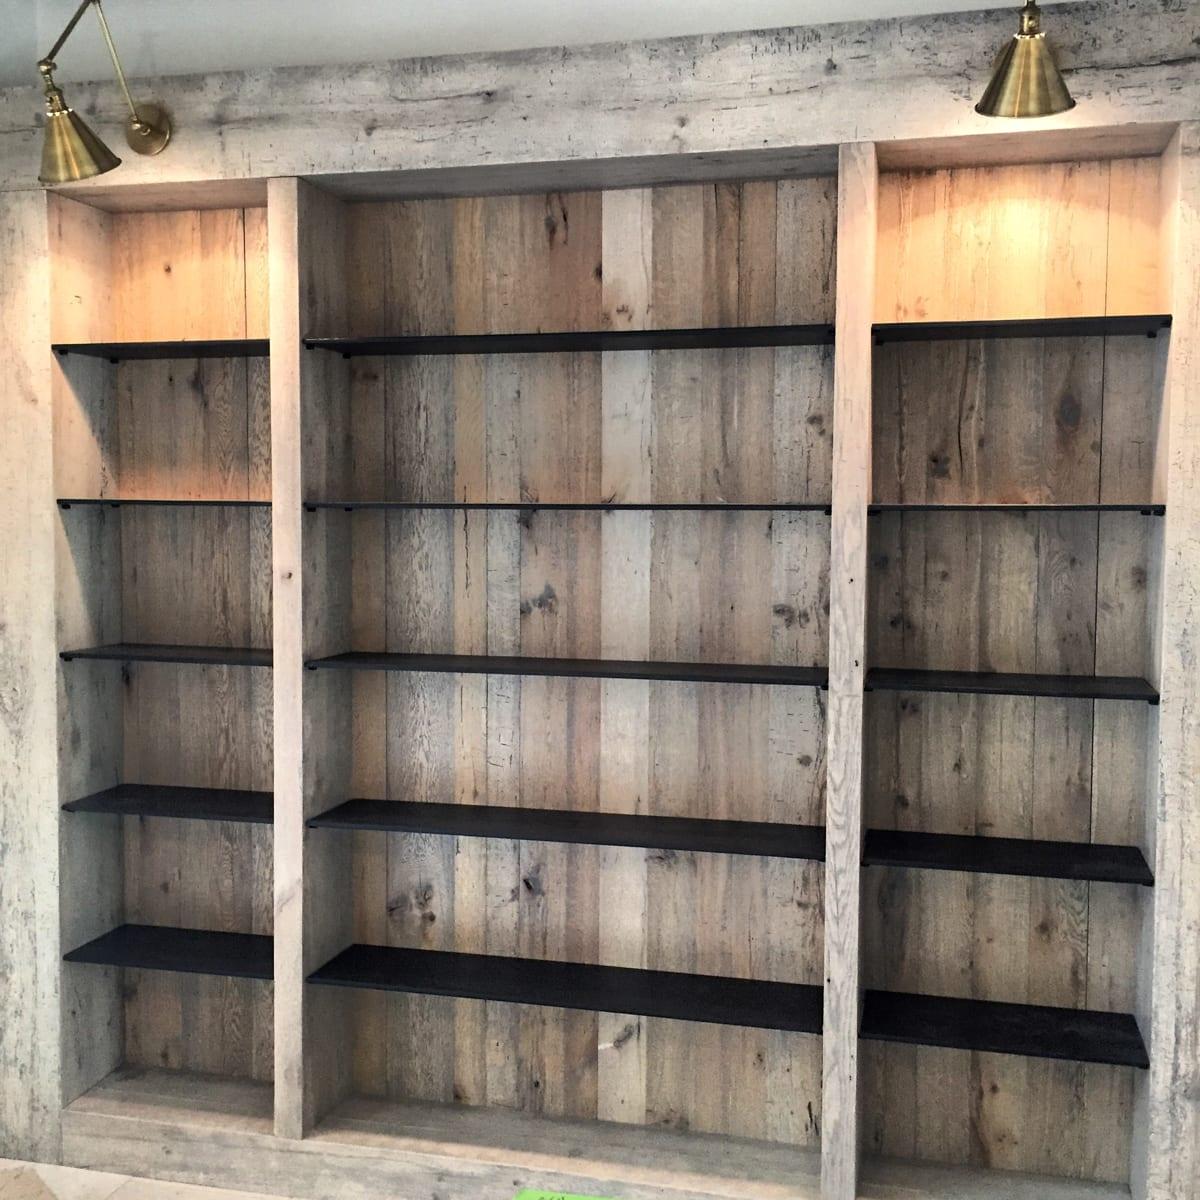 Wood Paneled Bookcase with Black Shelves